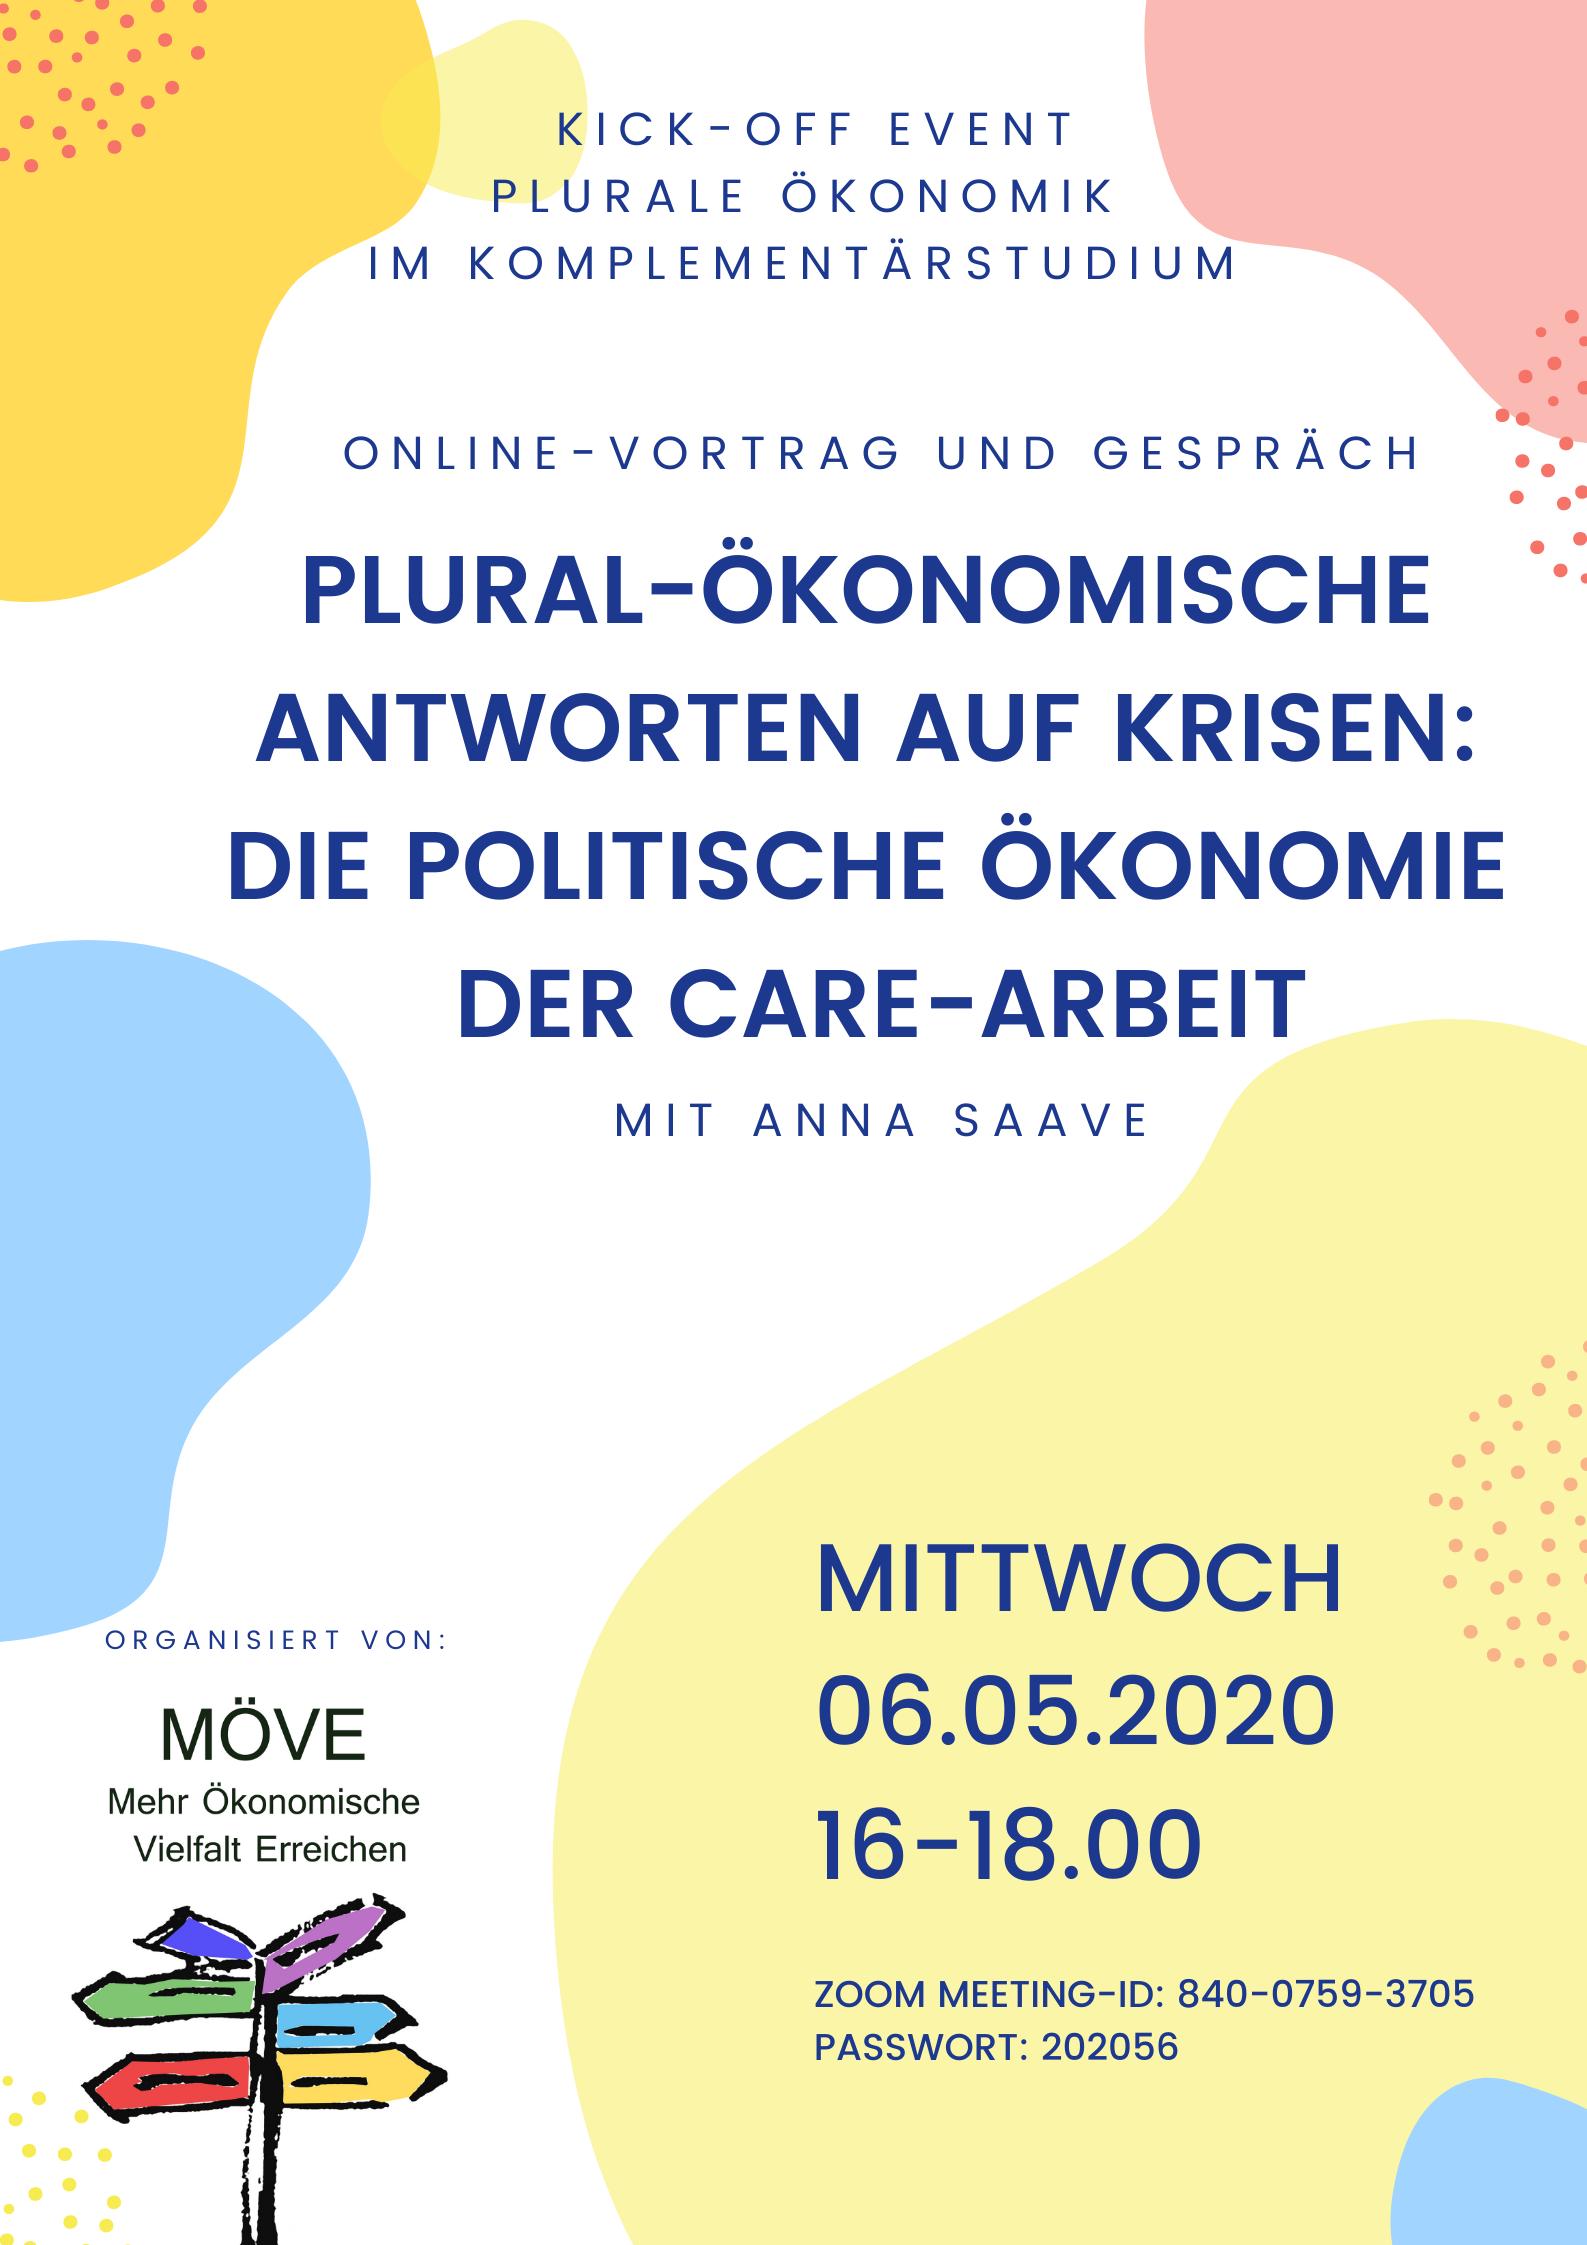 6.5. Online-Vortrag und Gespräch MÖVE